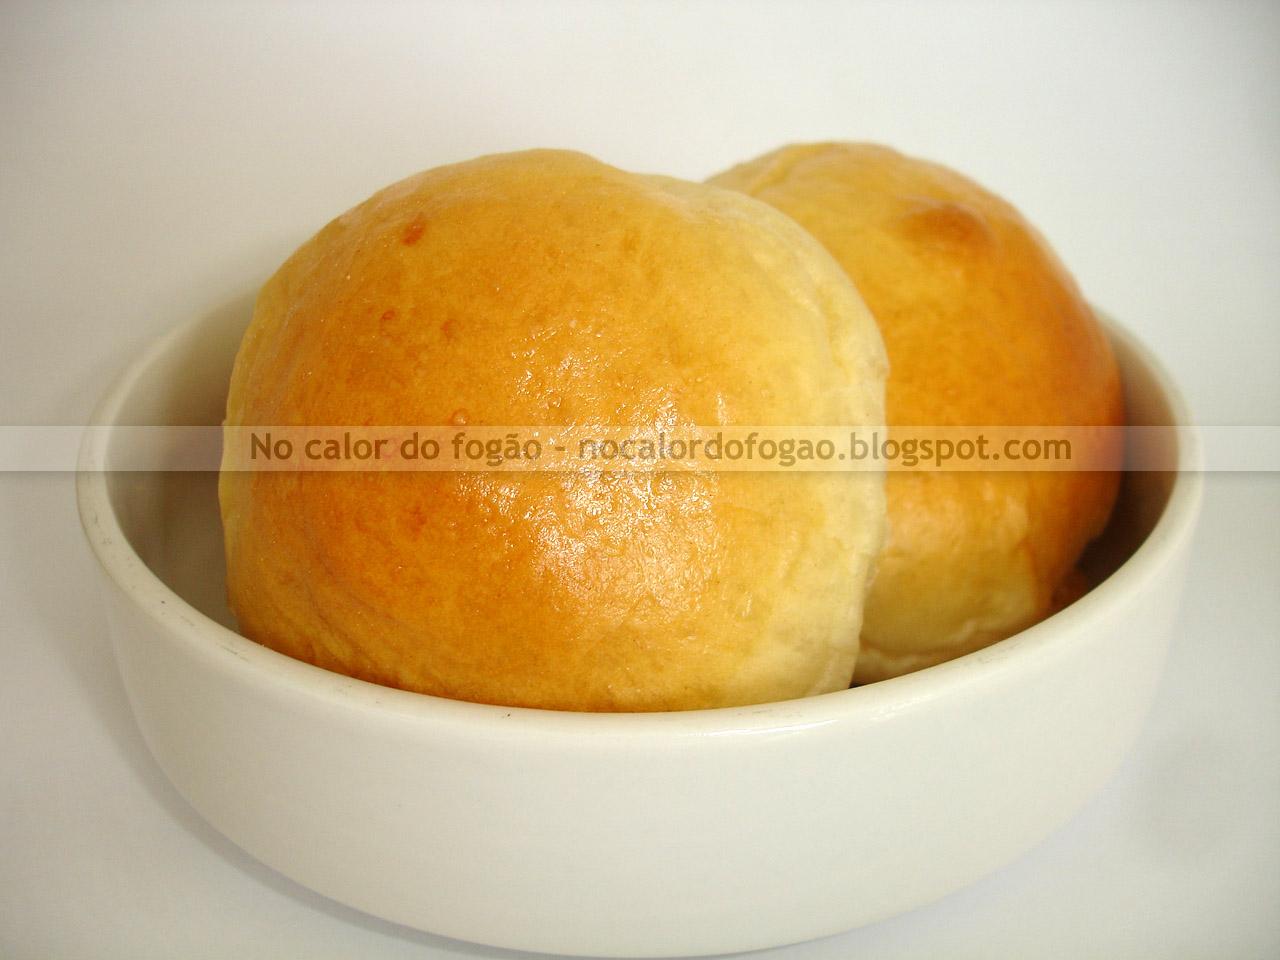 Pão do Joana Francesa